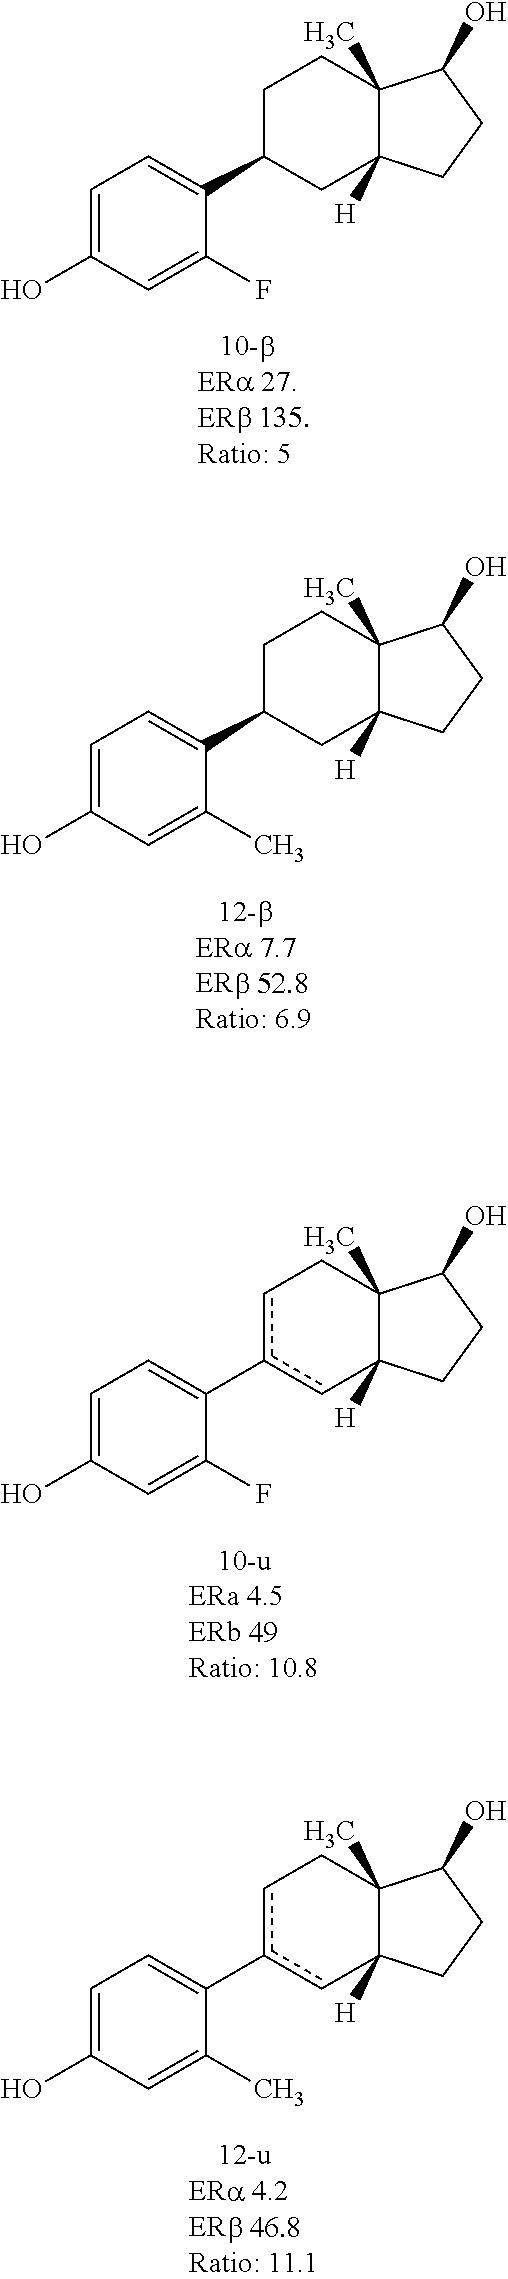 Figure US20110196045A1-20110811-C00054